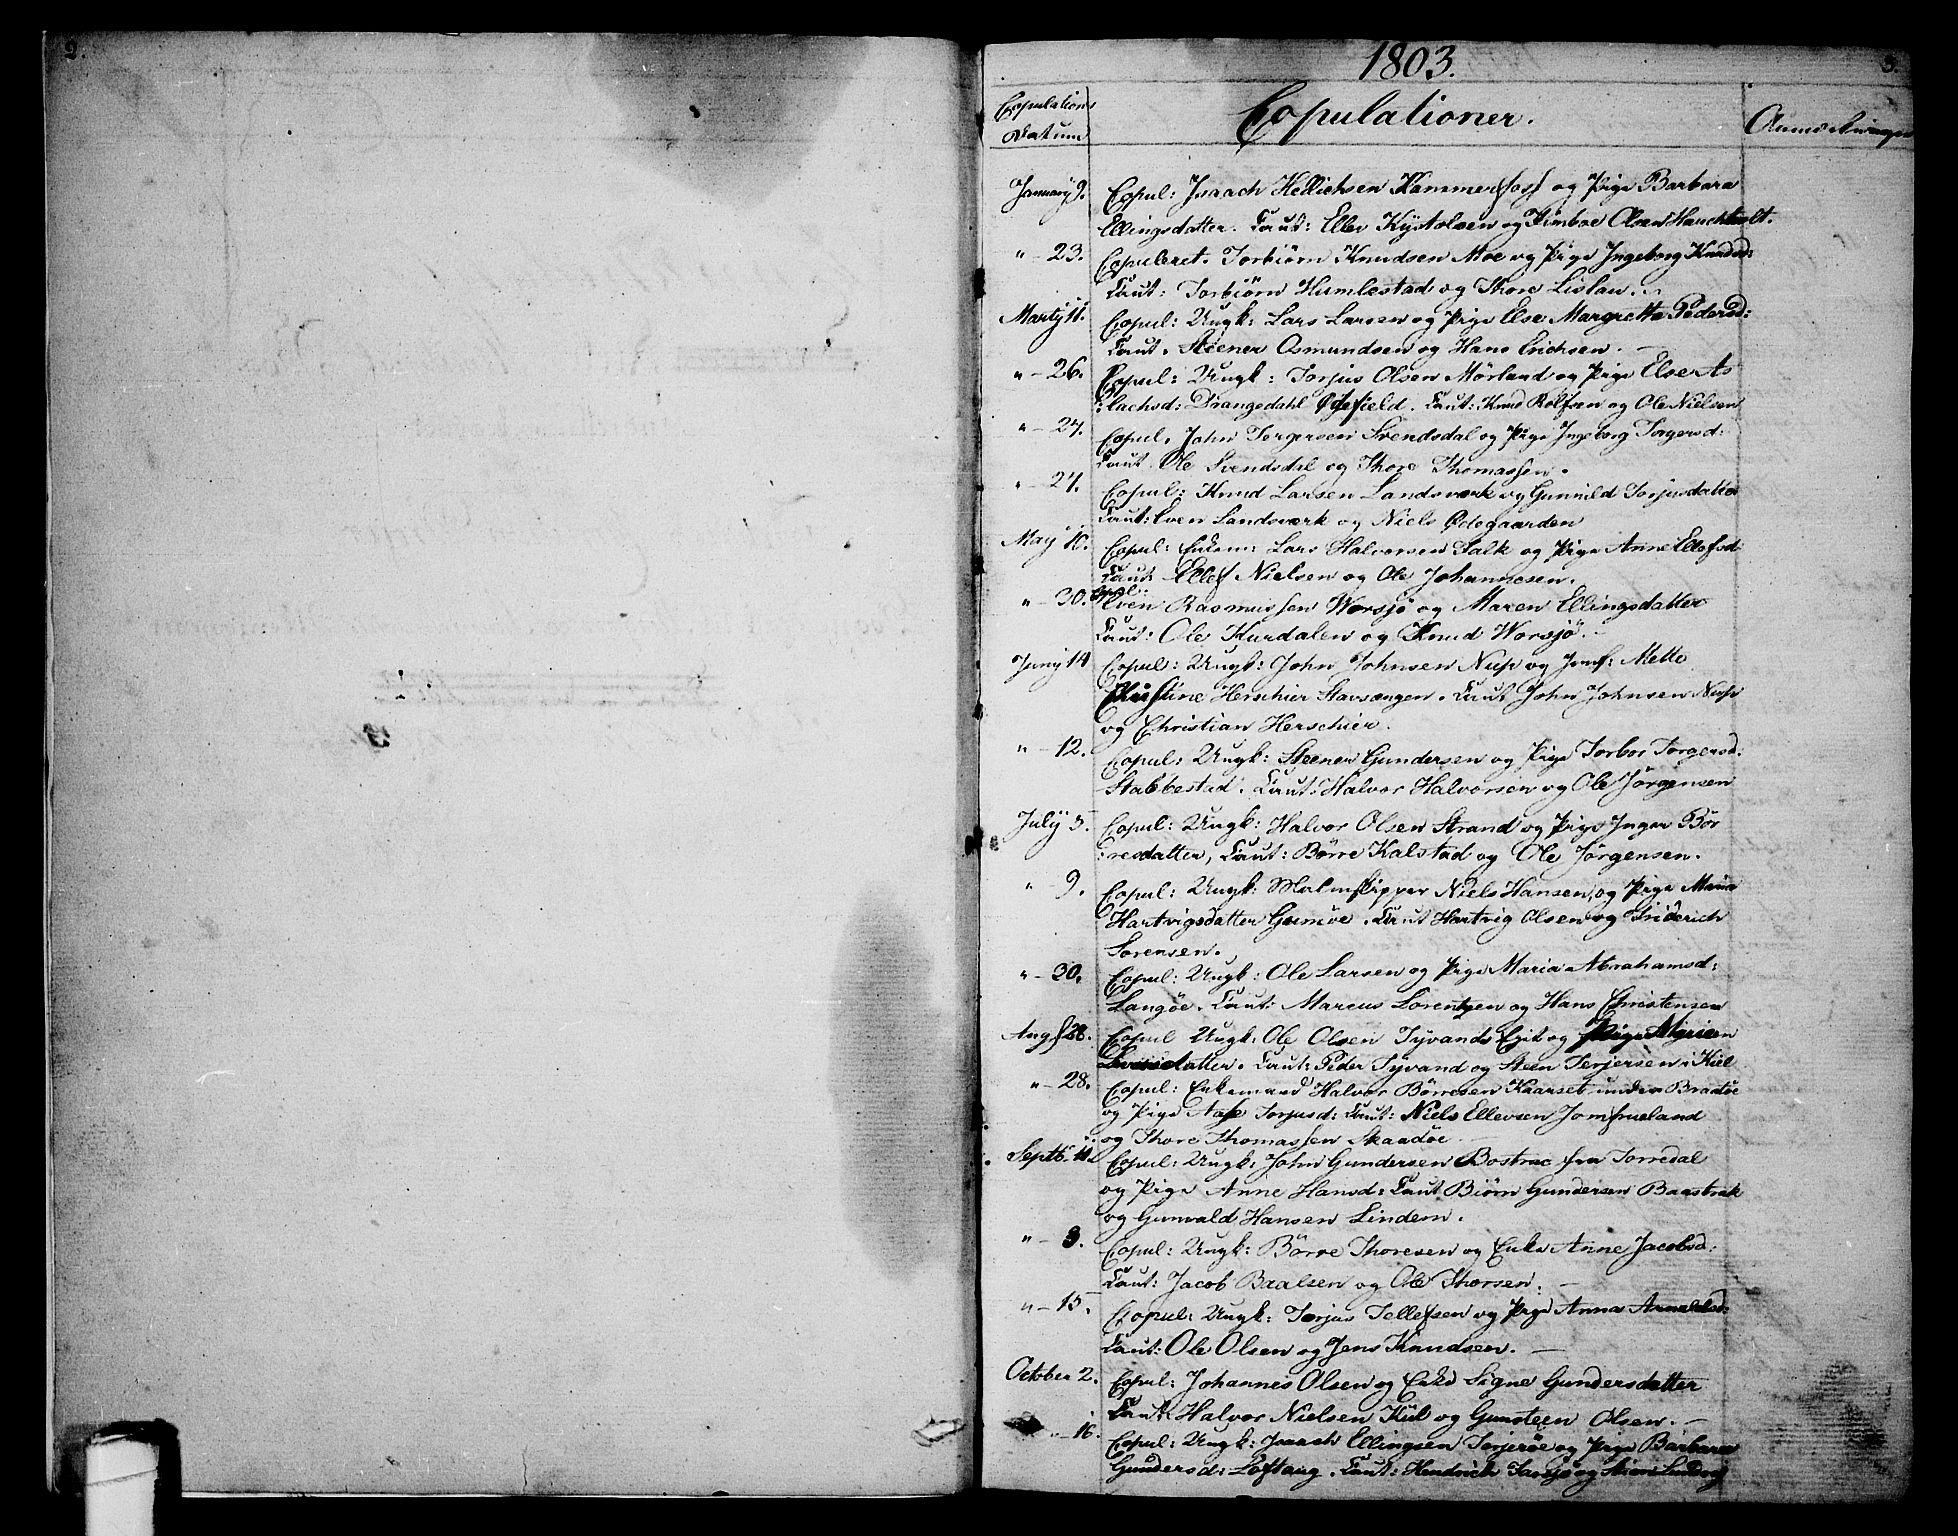 SAKO, Sannidal kirkebøker, F/Fa/L0003: Ministerialbok nr. 3, 1803-1813, s. 2-3